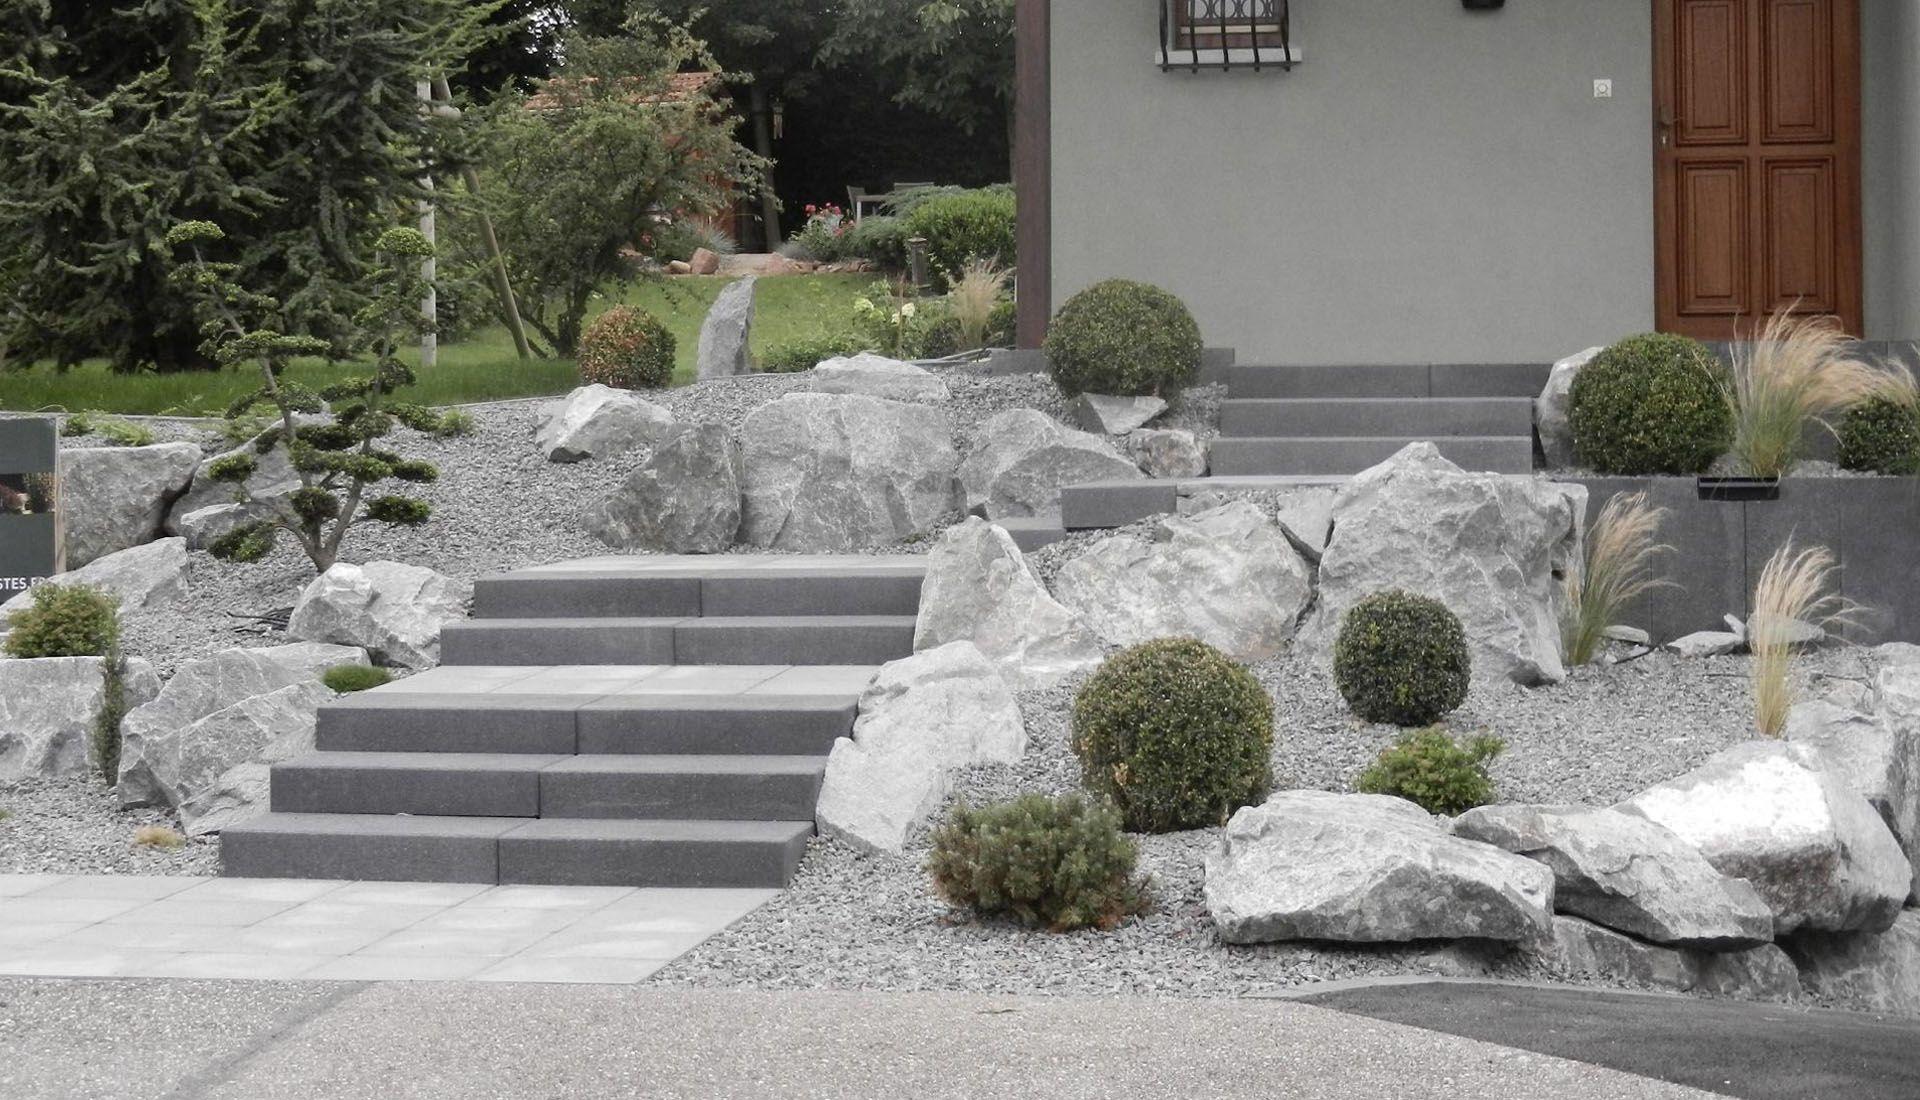 Aménagement Extérieur Entrée Maison amenagement escalier exterieur maison amenagement exterieur